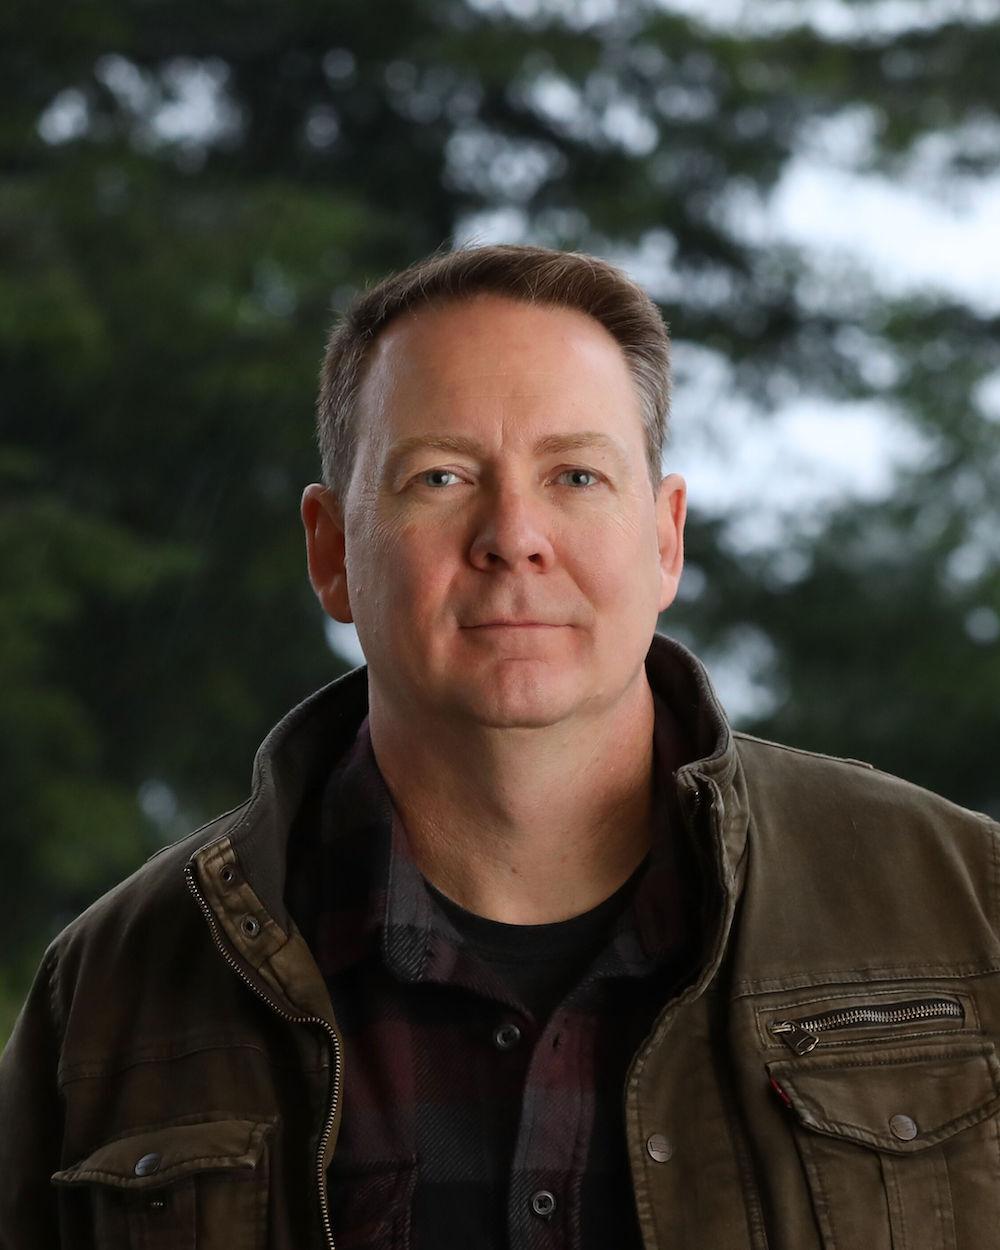 Clint Bryson